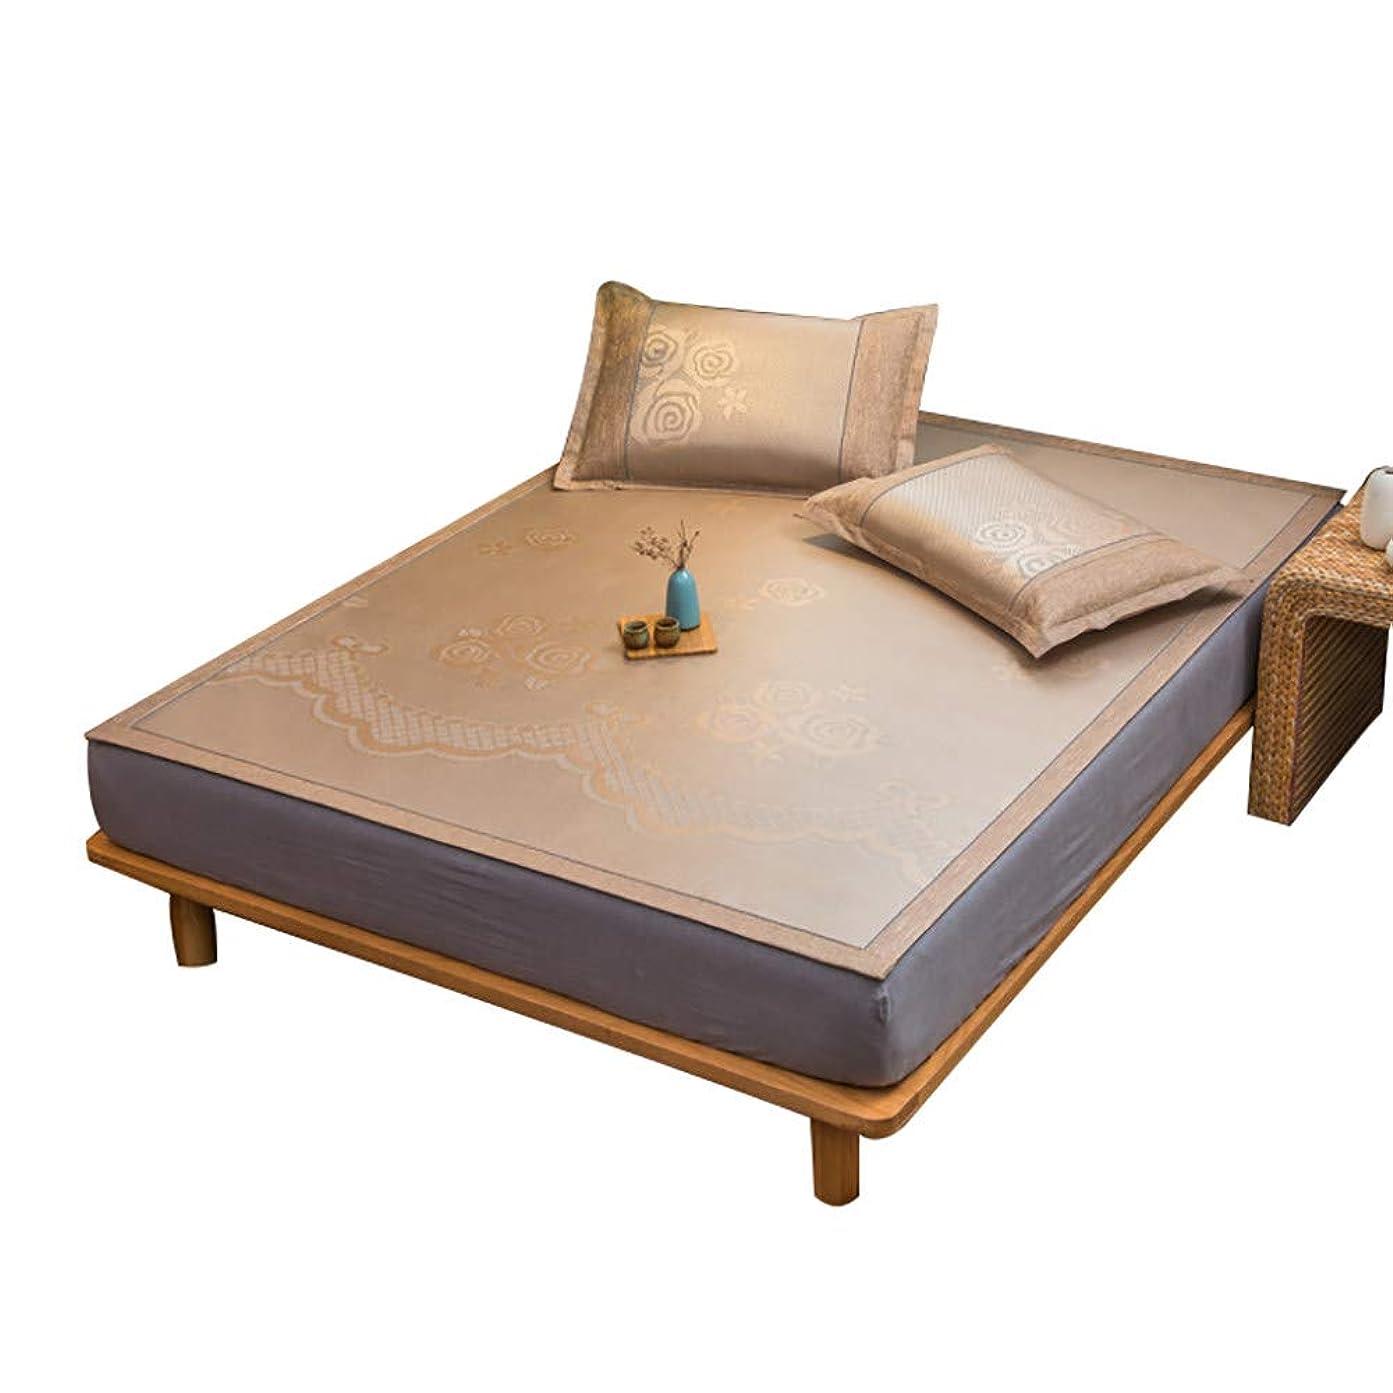 提供するまたは鬼ごっこ竹マットベッド/夏冷却寝台/籐マットレス、竹とアイスシルク素材、折りたたみリバーシブルデザイン,花柄プリント,Brown-B-150×200cm(59.1×78.7in)